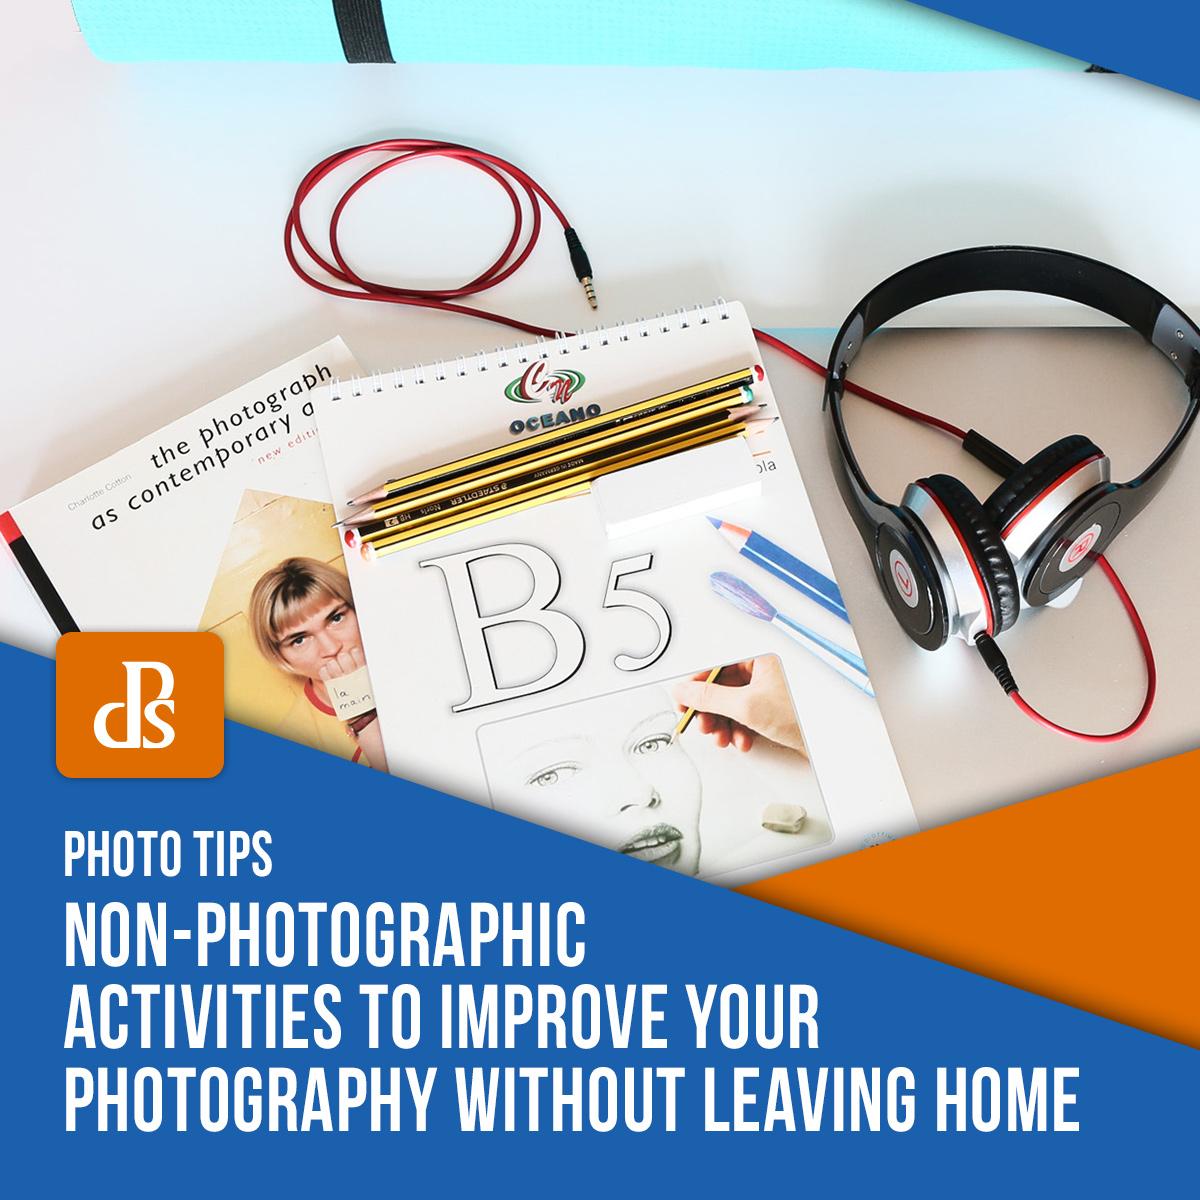 atividades para melhorar sua fotografia